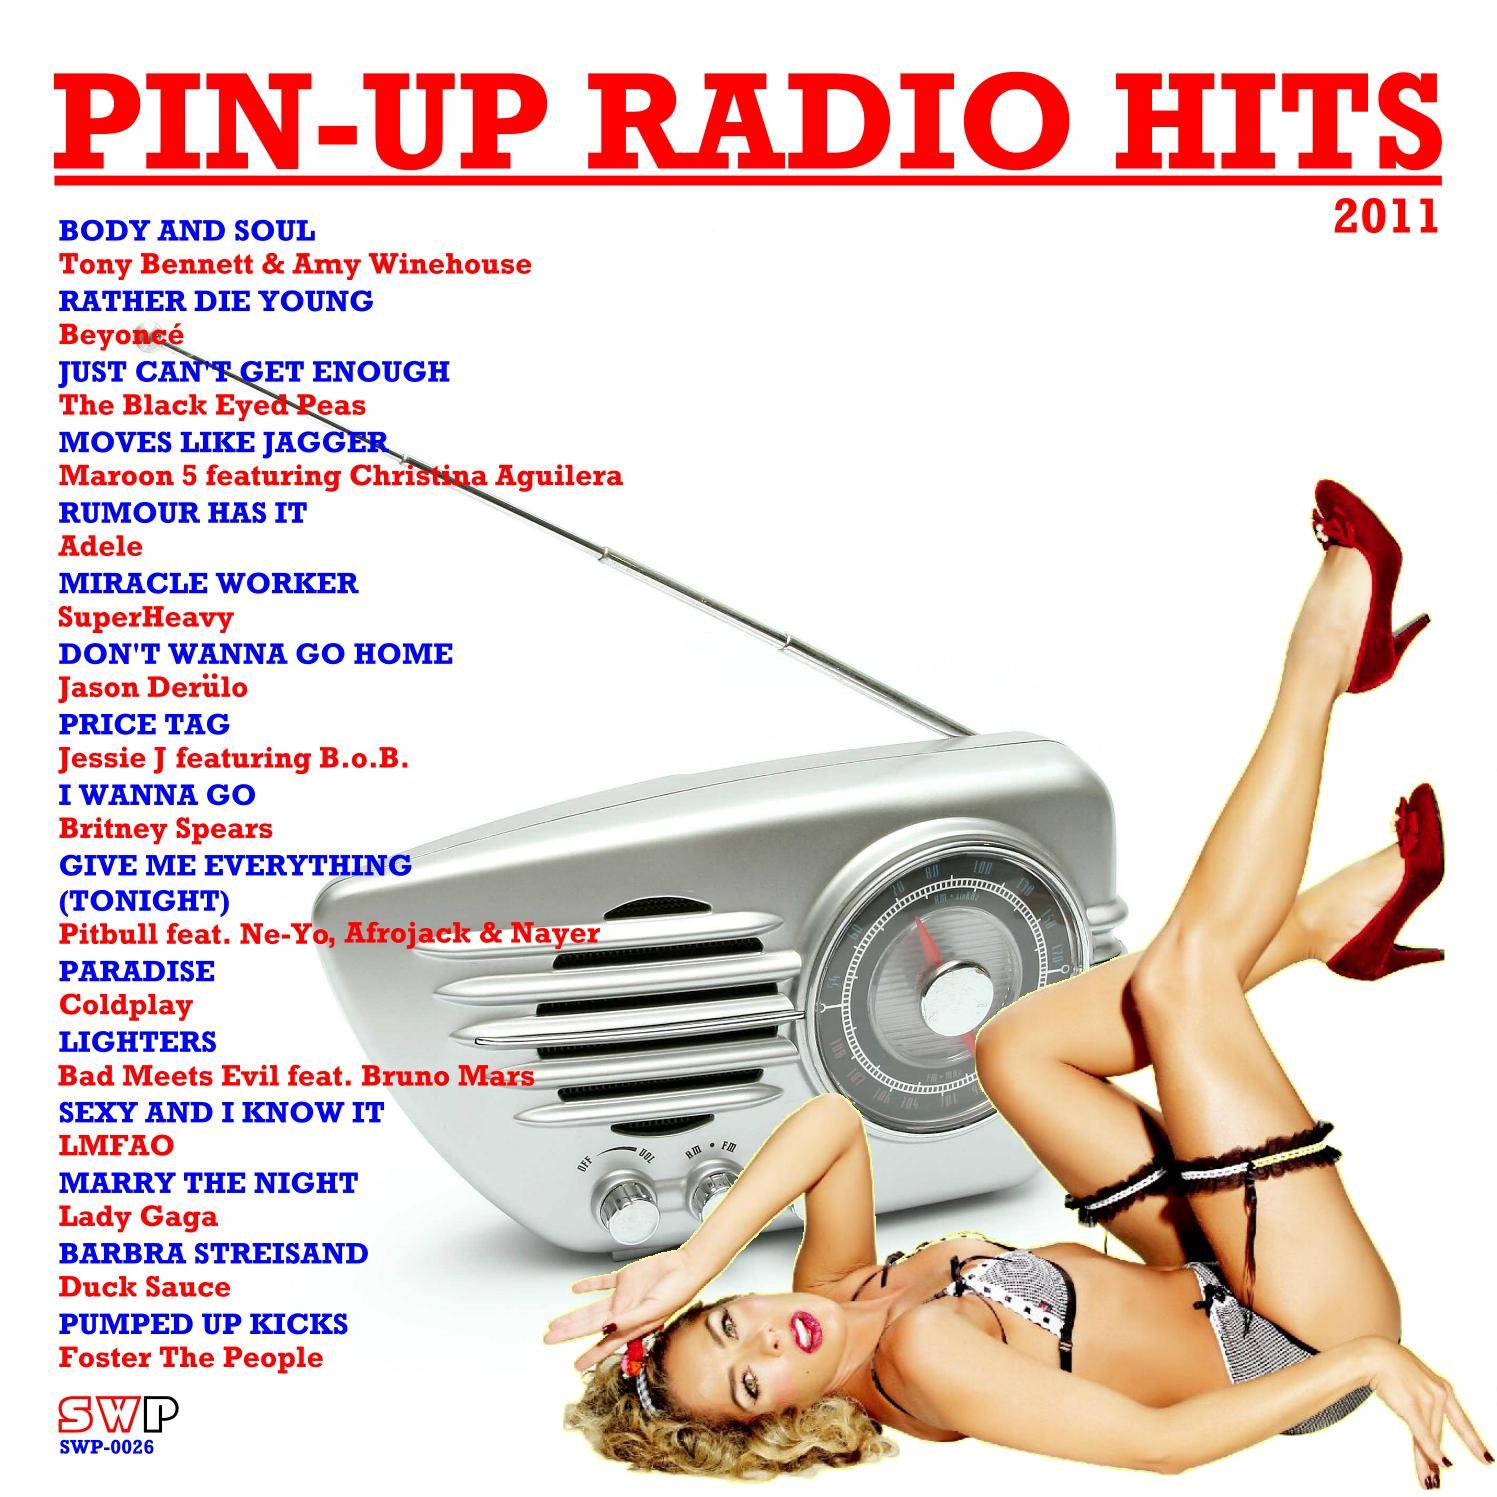 http://1.bp.blogspot.com/-5rbeqfhg7RM/TtxIuWFqmcI/AAAAAAAAAKw/jHZLuf9hclc/s1600/Pin-Up+Radio+Hits+2011+-+capa.jpg